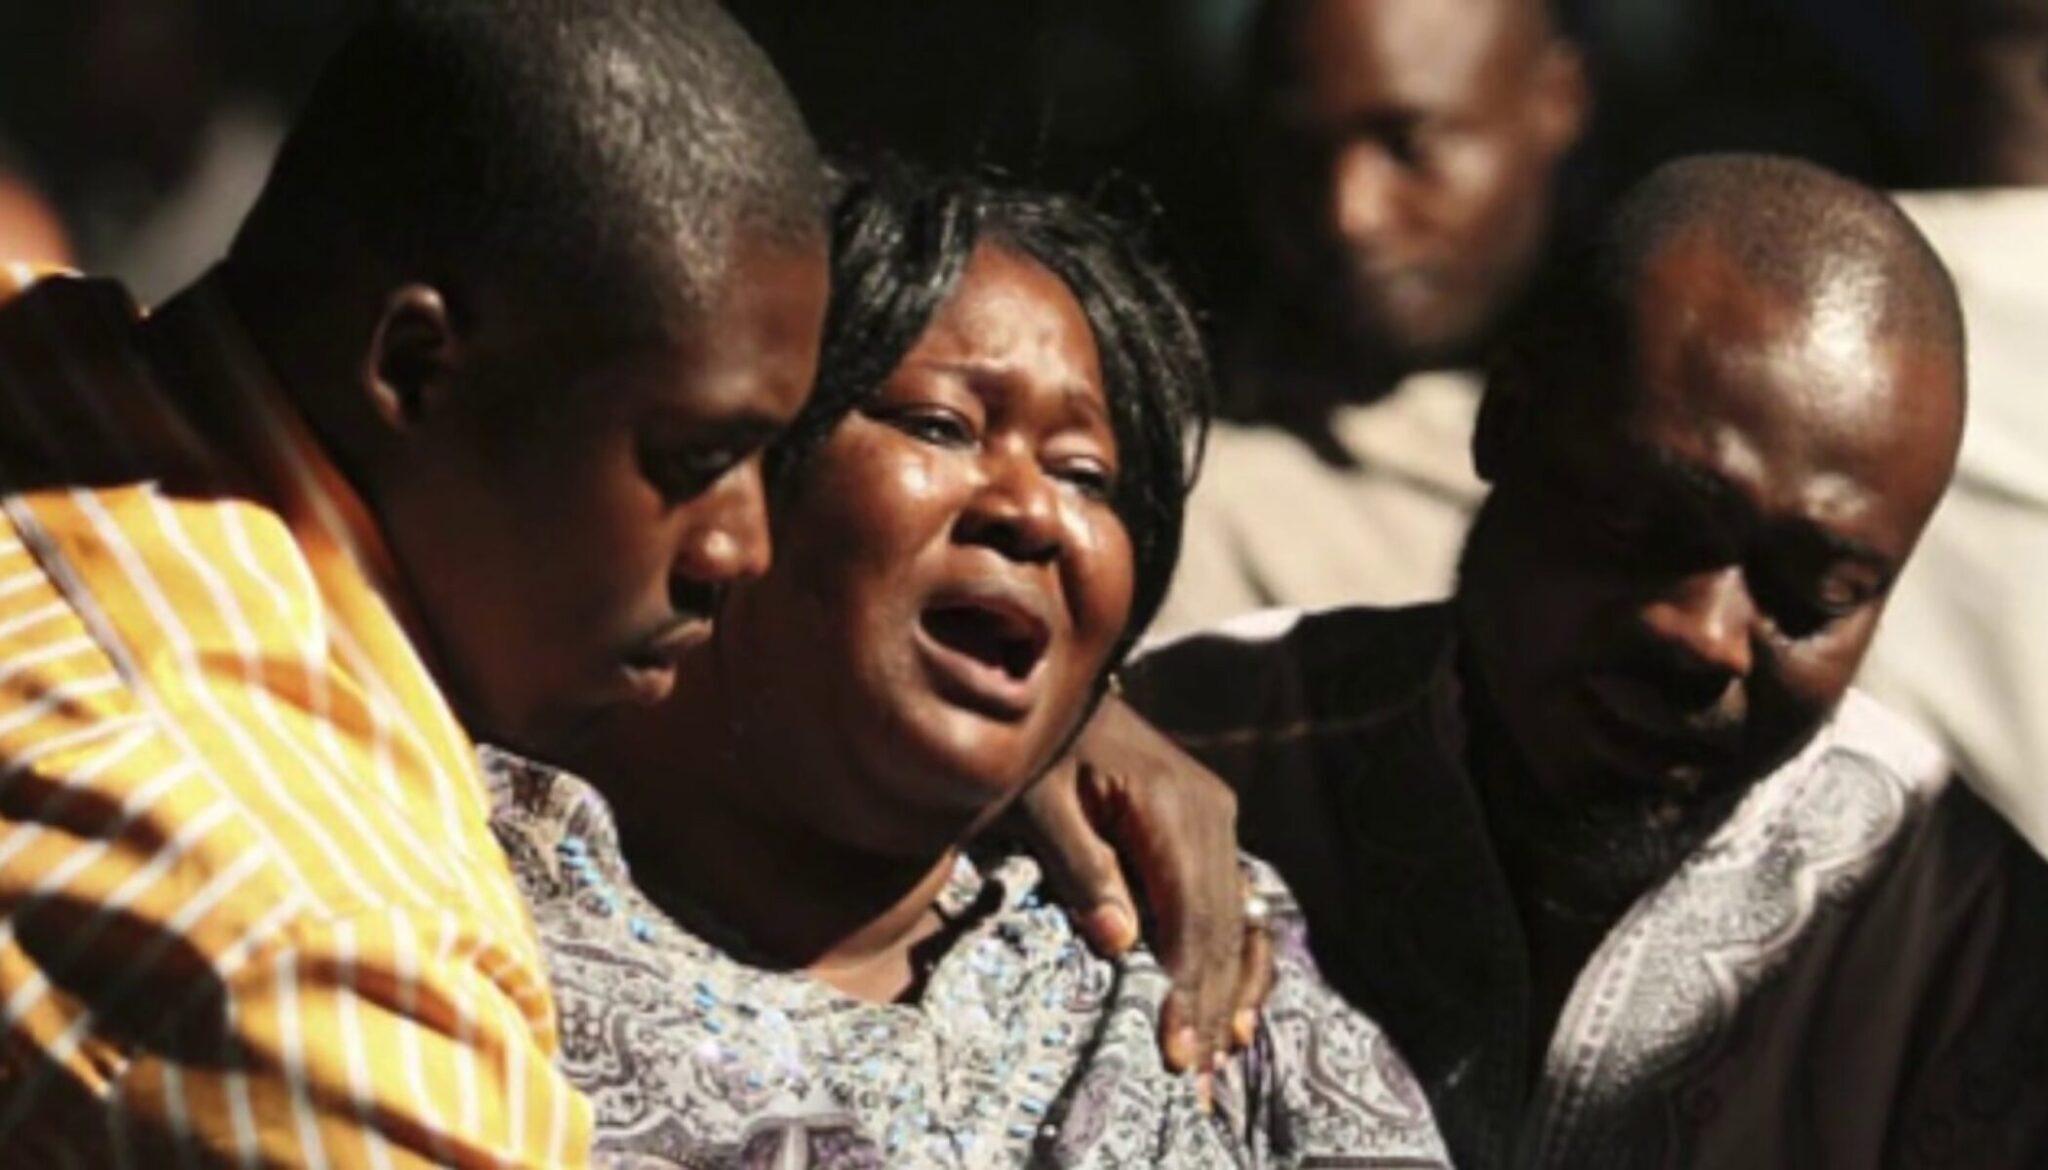 Nigeria inserita tra i Paesi che tollerano la violazione della libertà religiosa